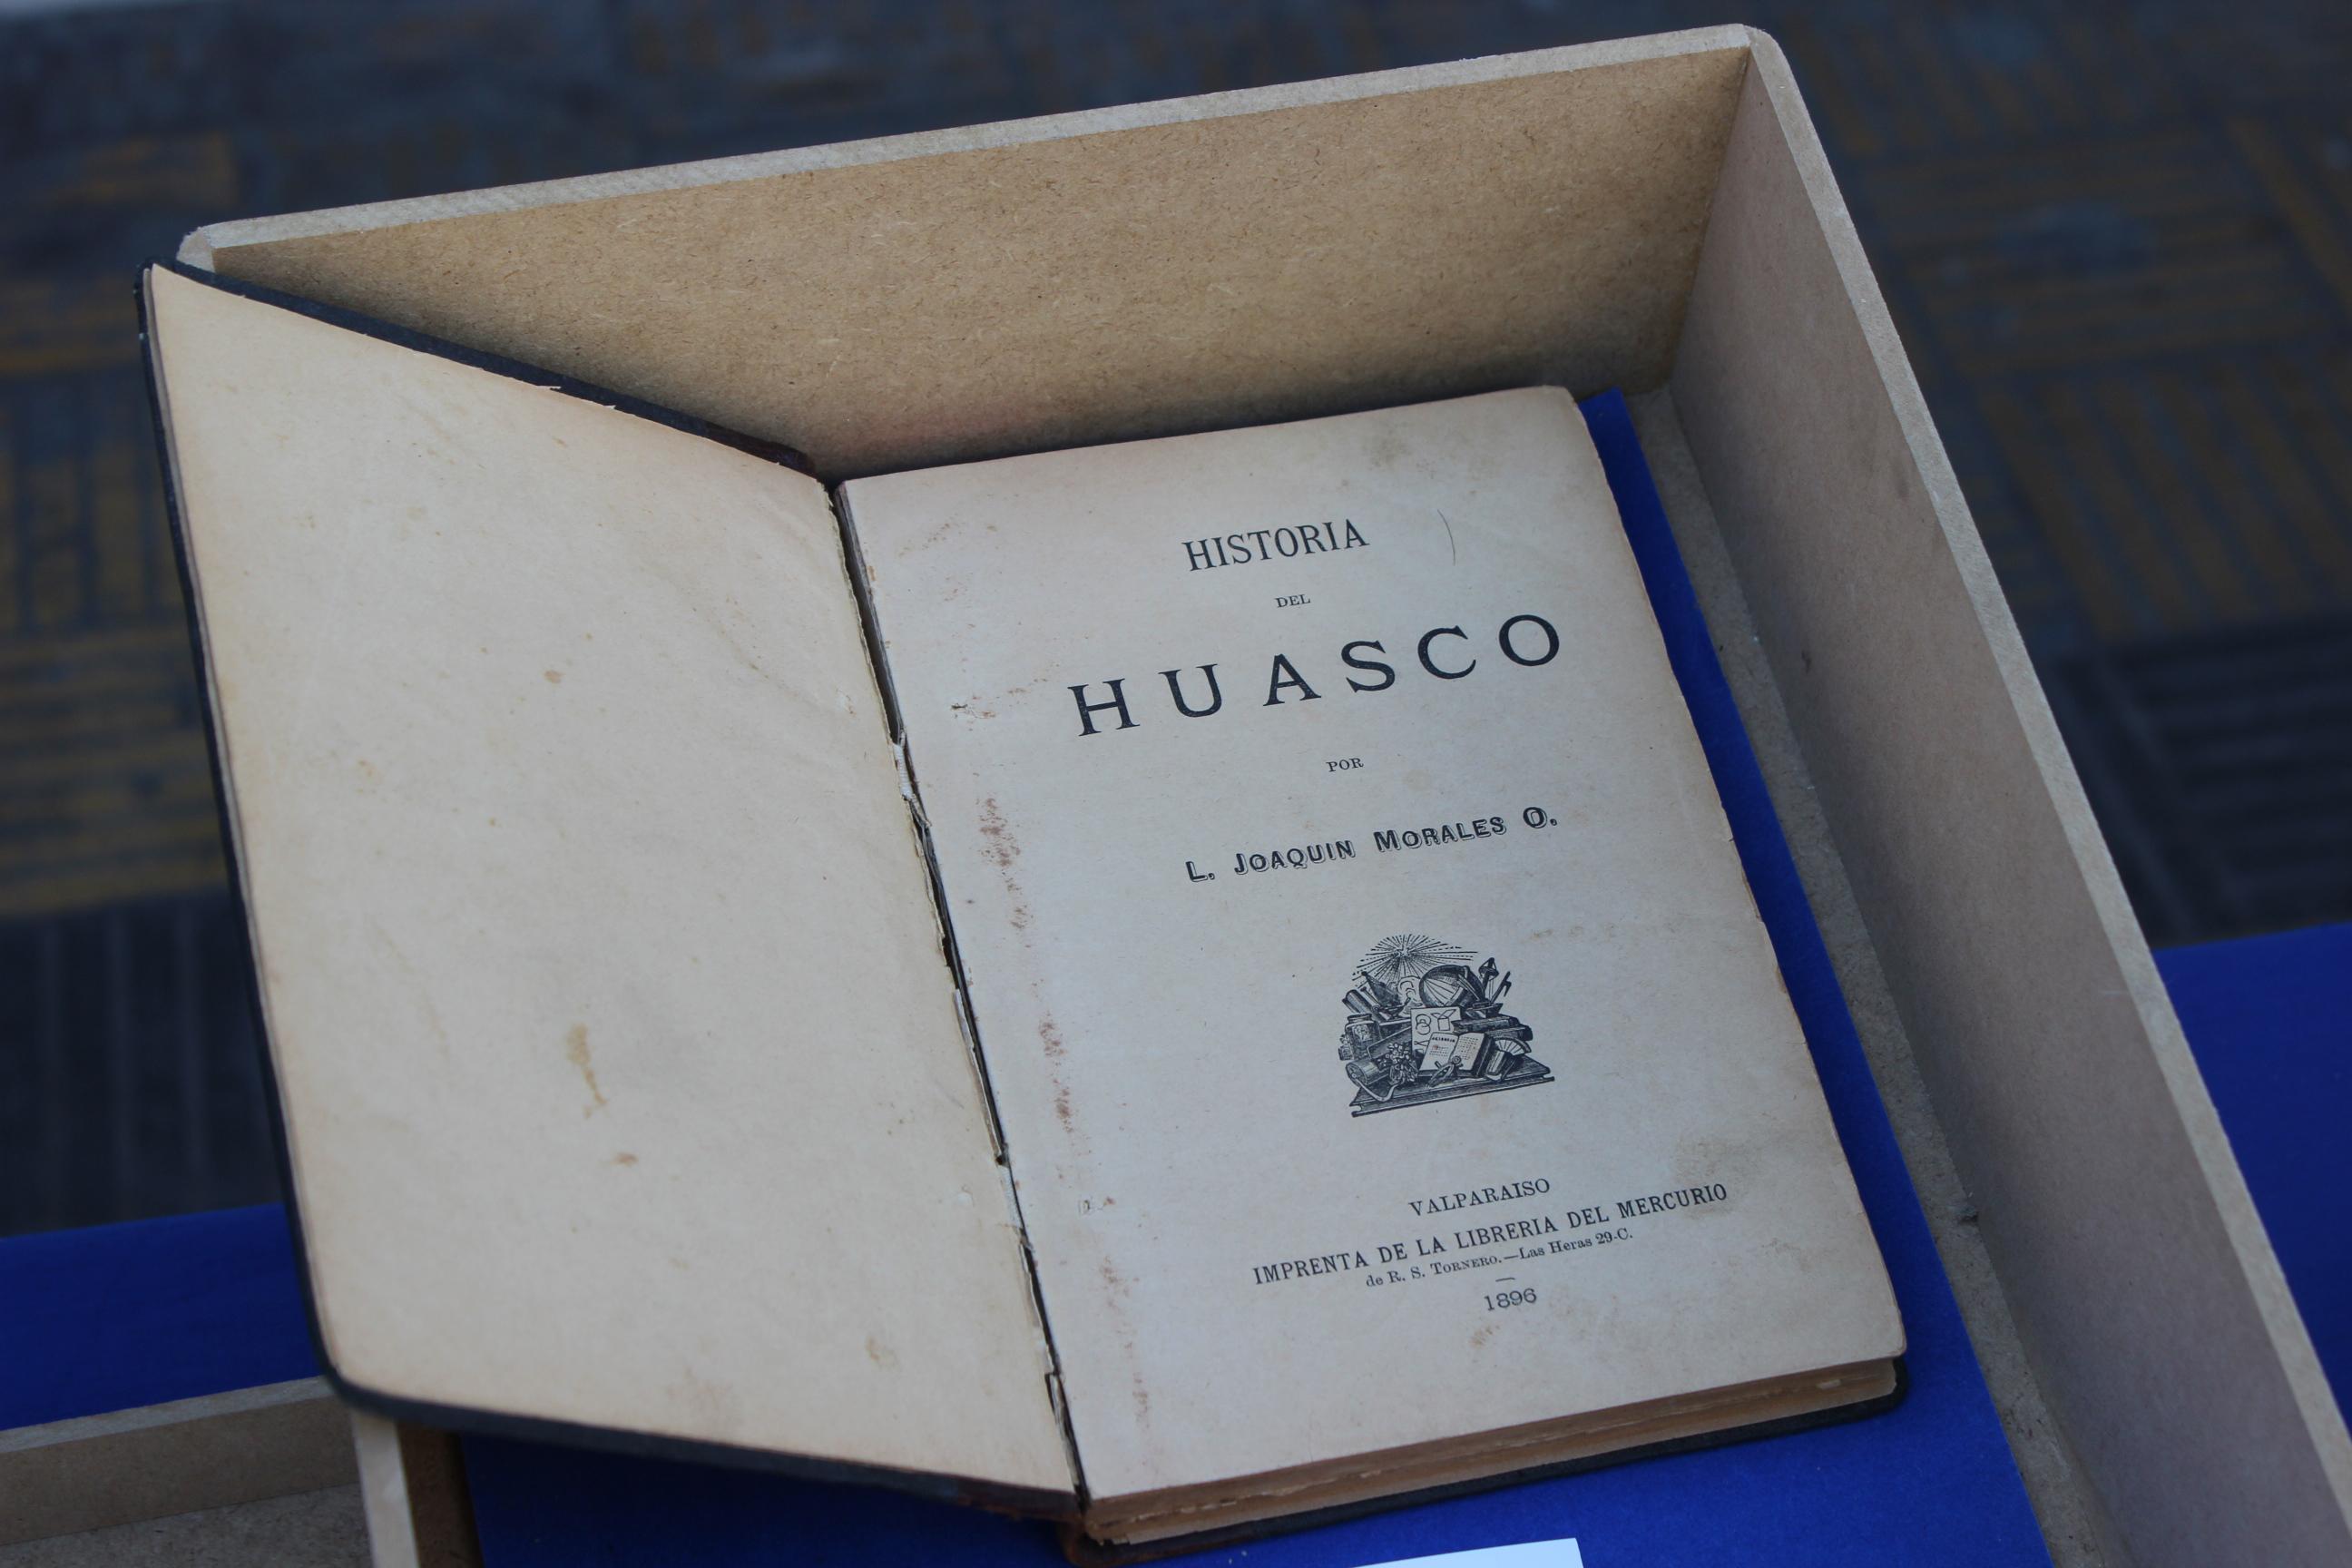 Huasco celebrará este domingo el día del Patrimonio